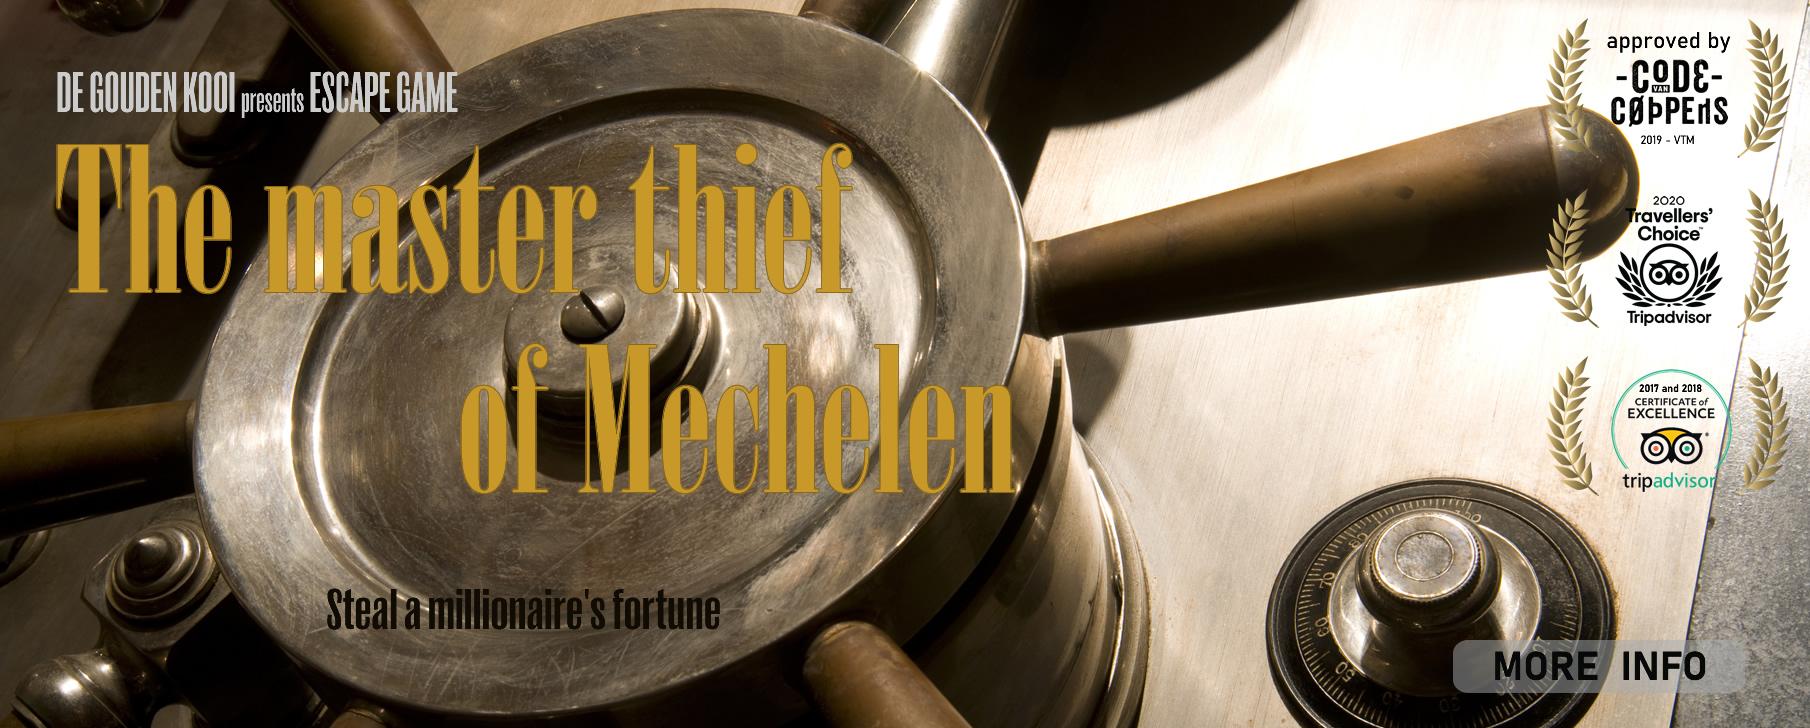 De meesterdief van Mechelen – eng